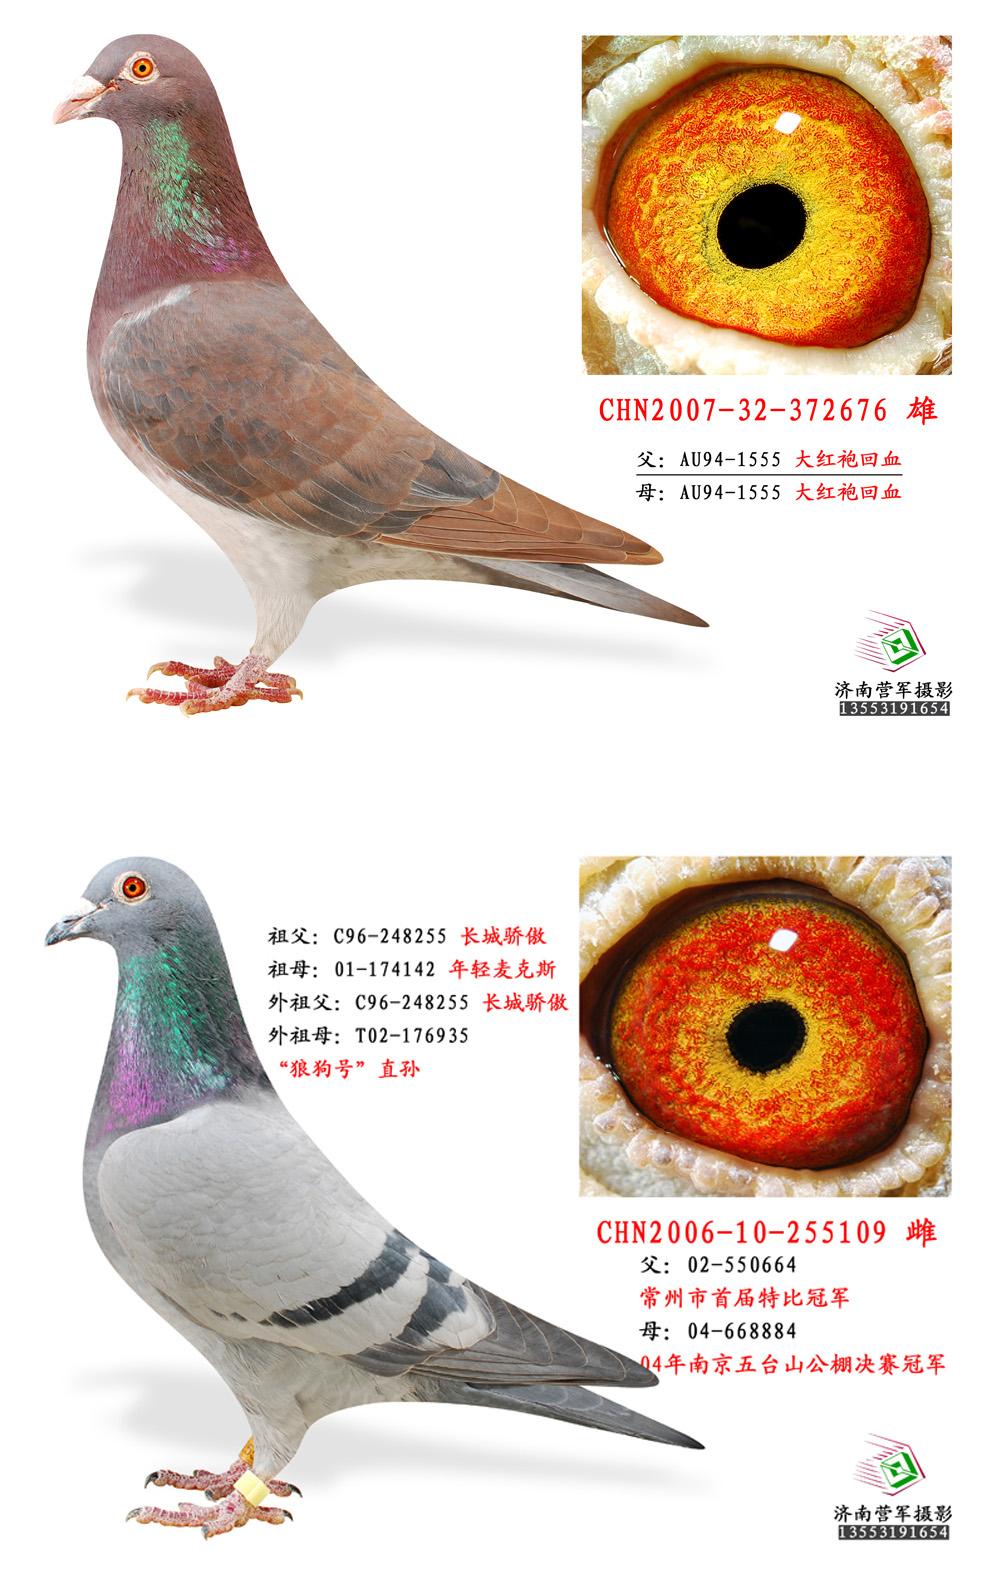 大红袍 狼狗号 保证金级 拍卖 -信鸽在线拍卖平台 - 中国信鸽信息网